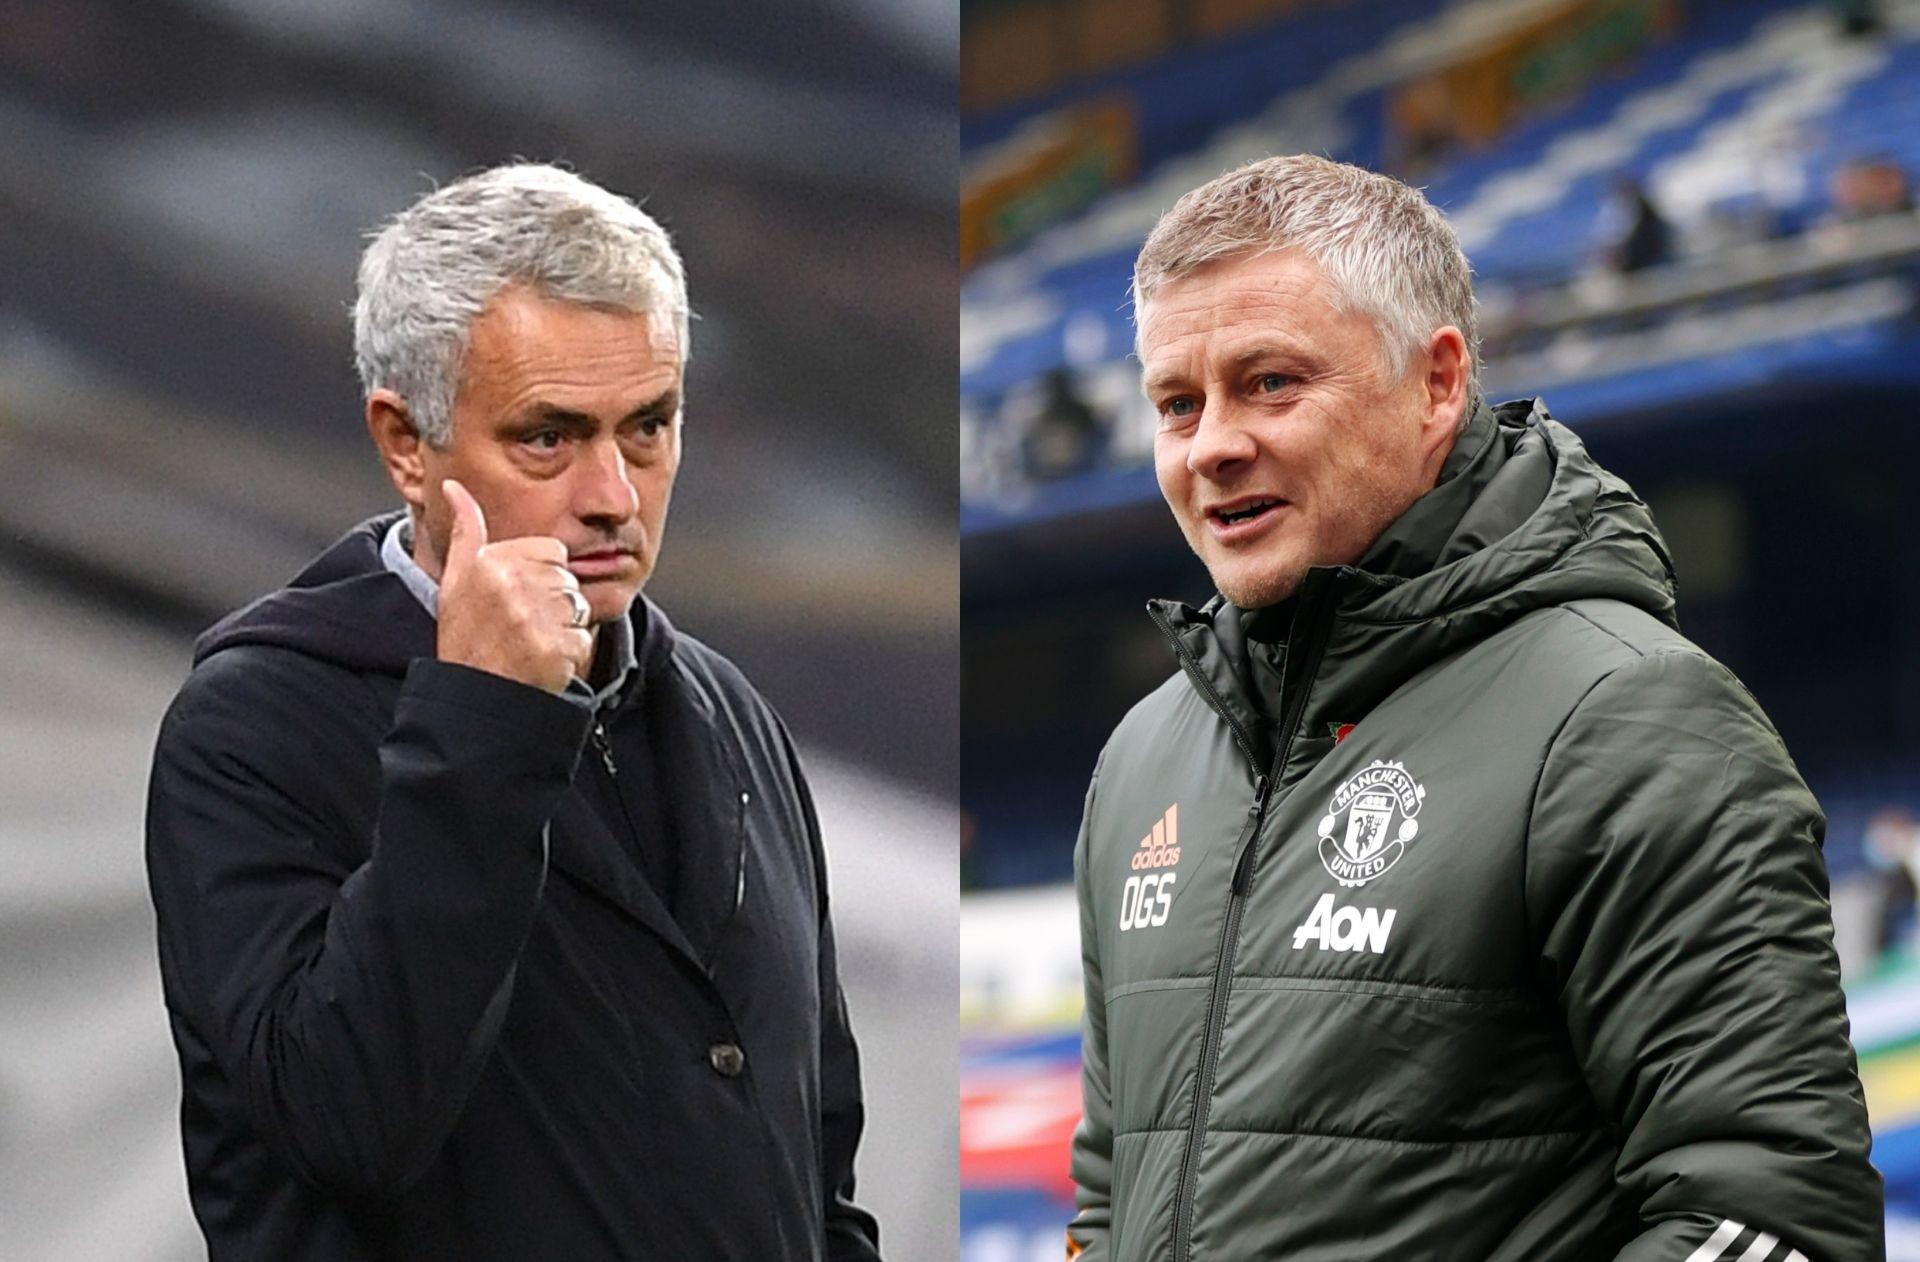 Jose Mourinho of Tottenham, Ole Gunnar Solskjaer of Manchester United